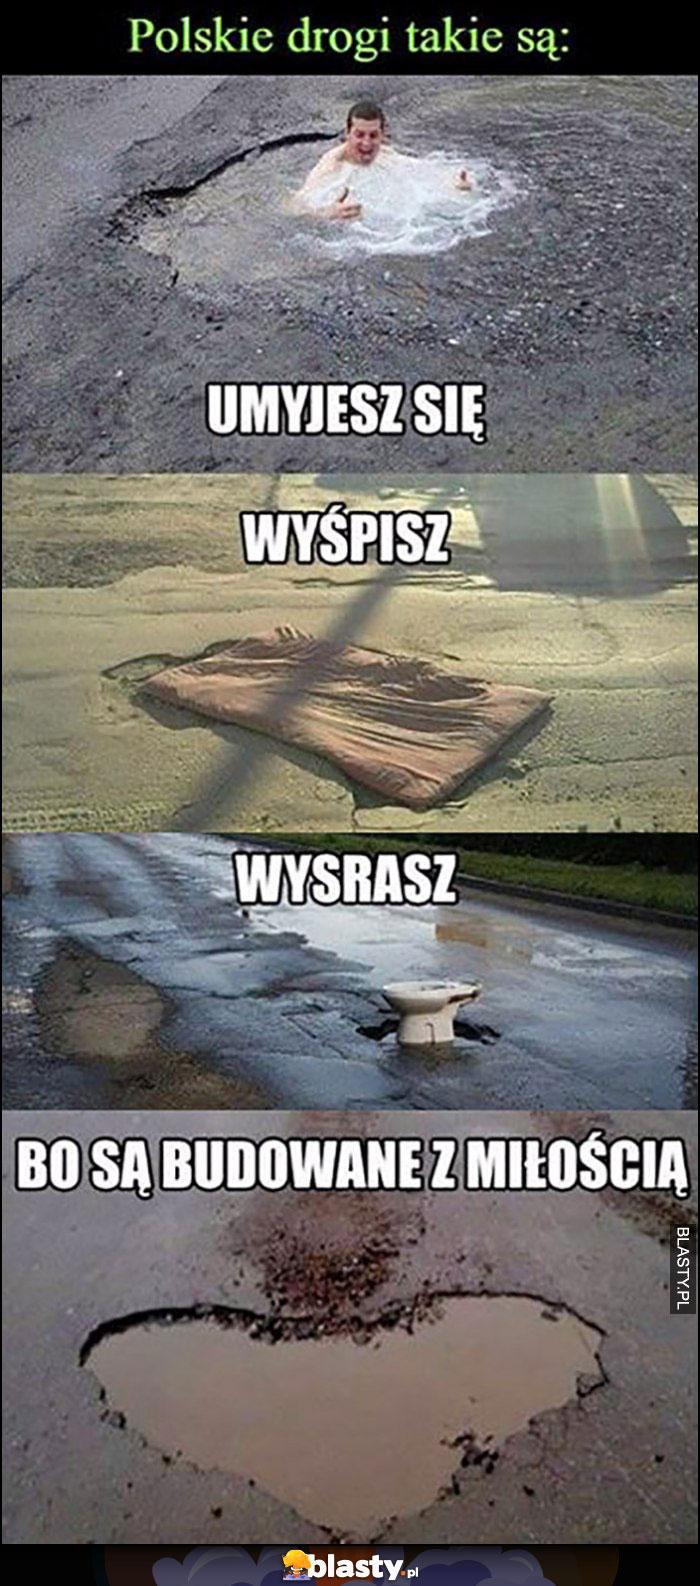 Polskie drogi takie są: umyjesz się, wyśpisz, wysrasz, bo są budowane z miłością